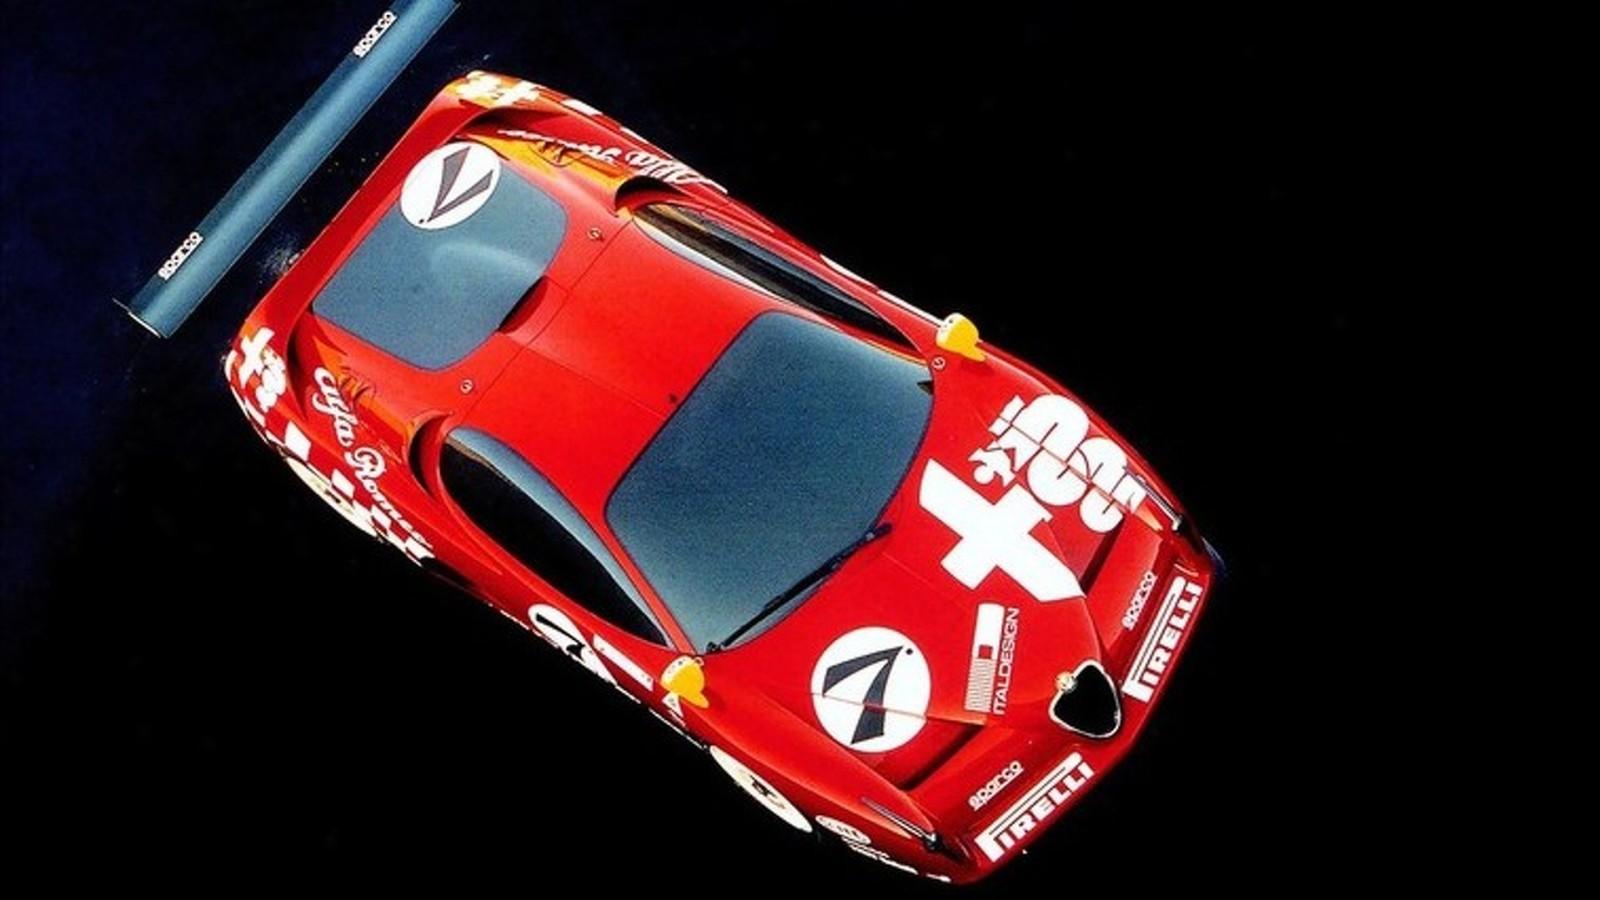 1997-alfa-romeo-scighera-concept16